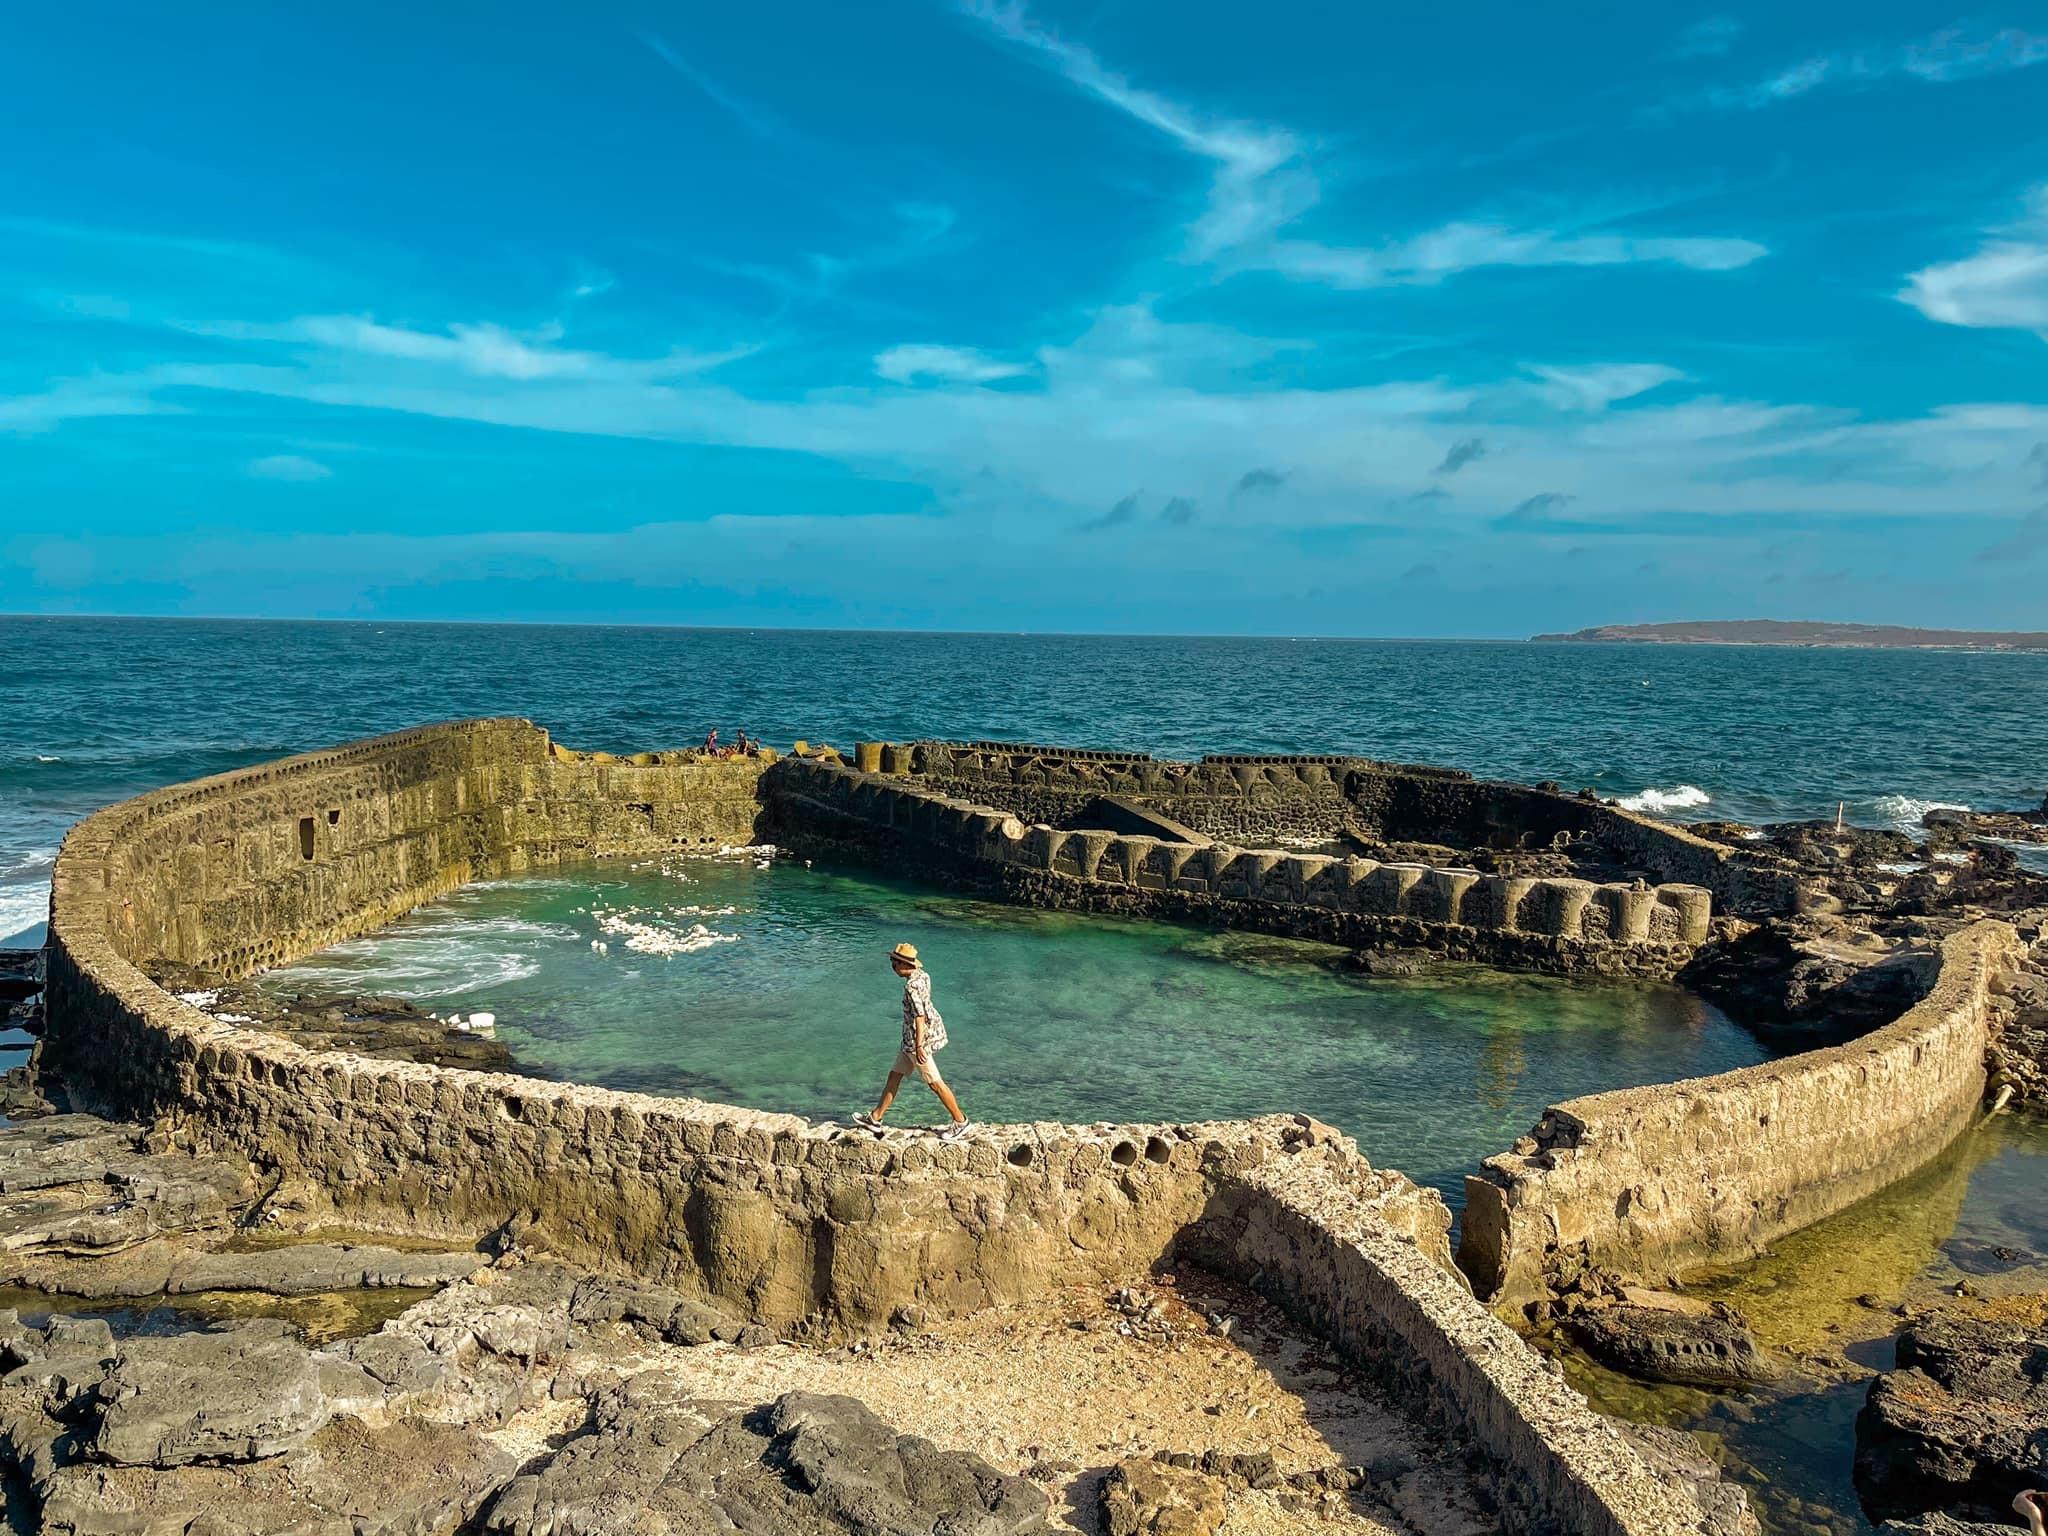 Kinh nghiệm du lịch đảo Phú Quý 3